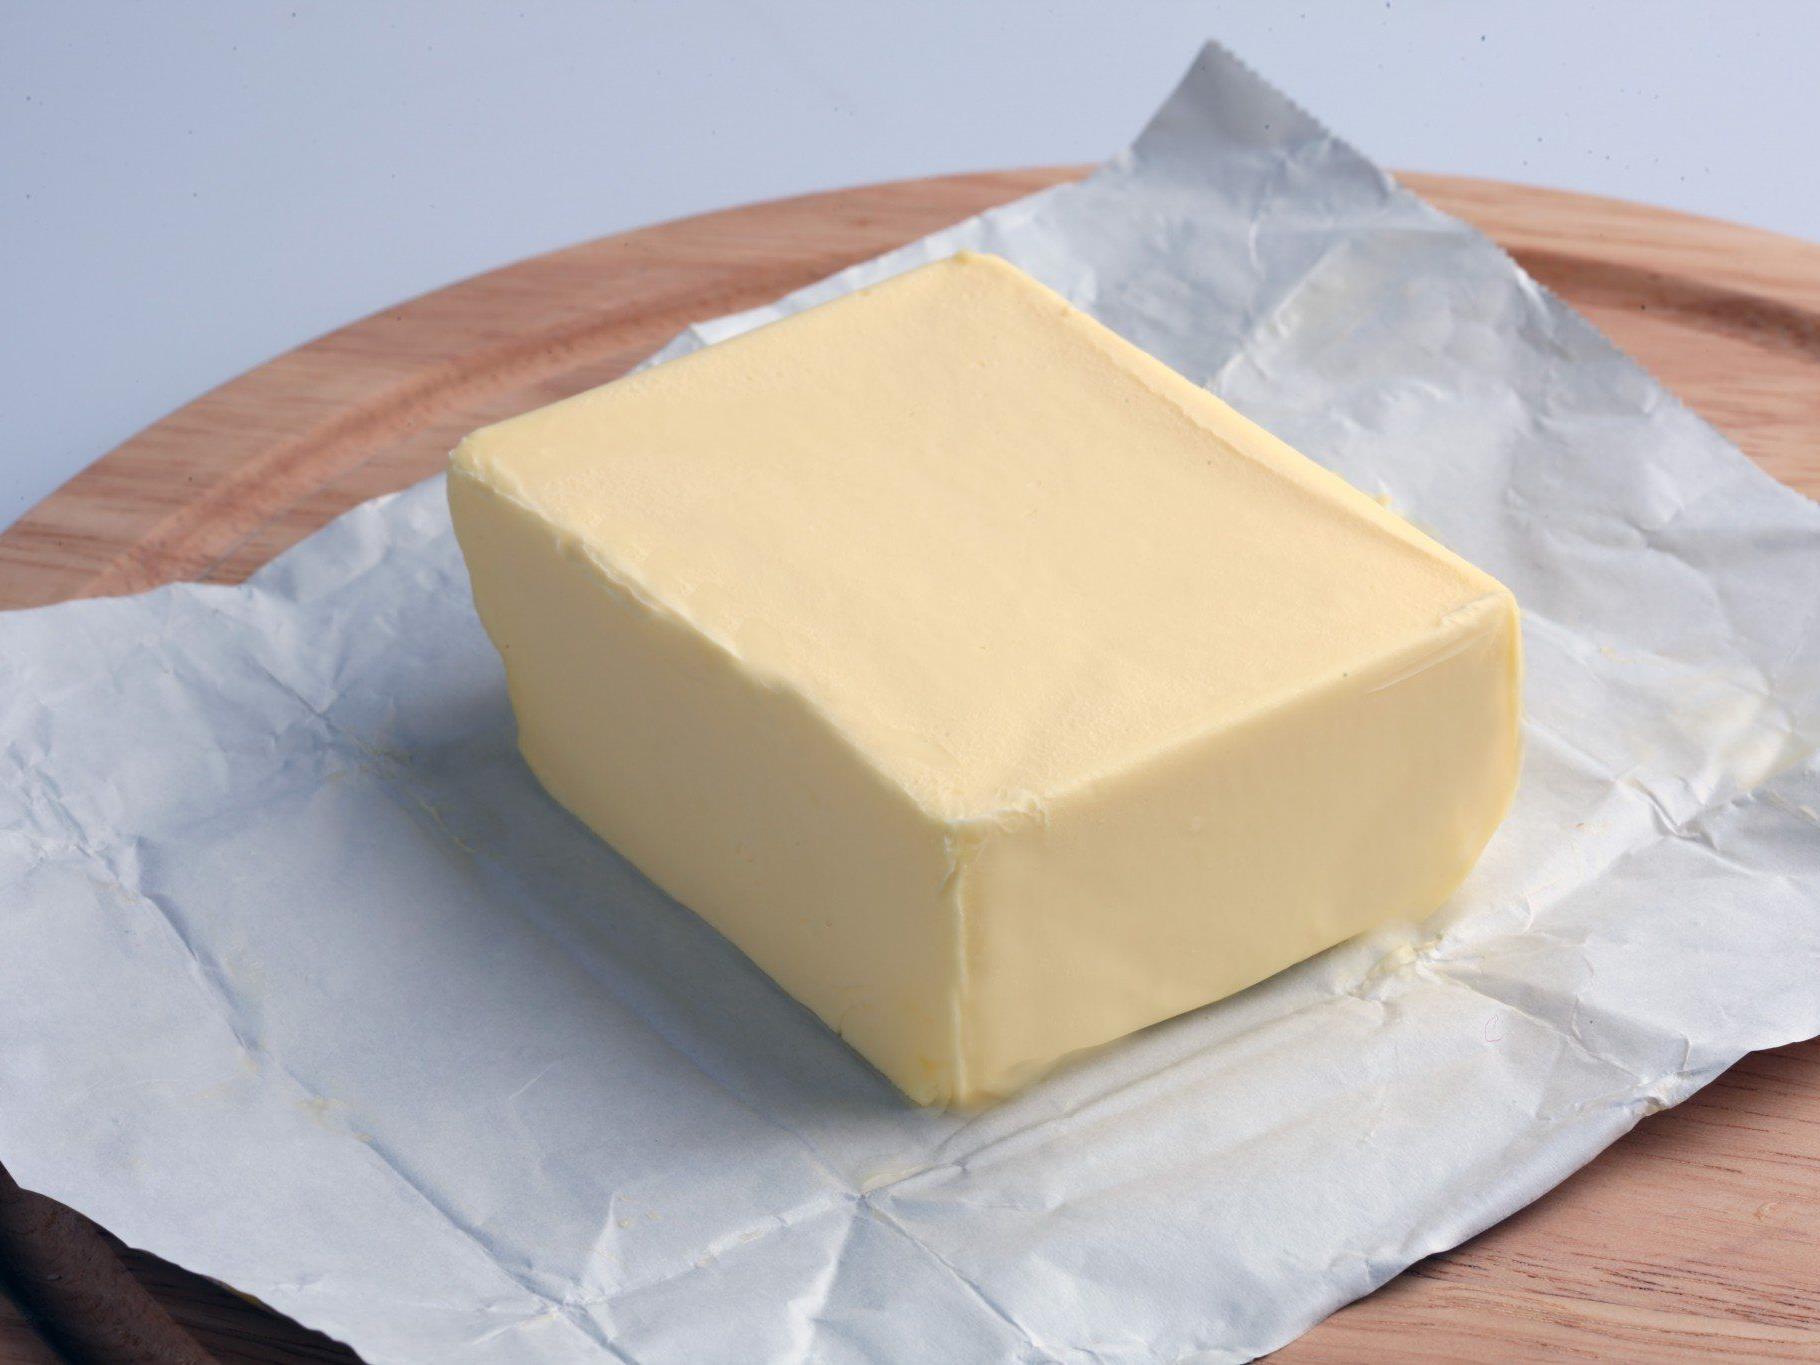 Diebstahl von sechs Kilo Butter wurde verhandelt.